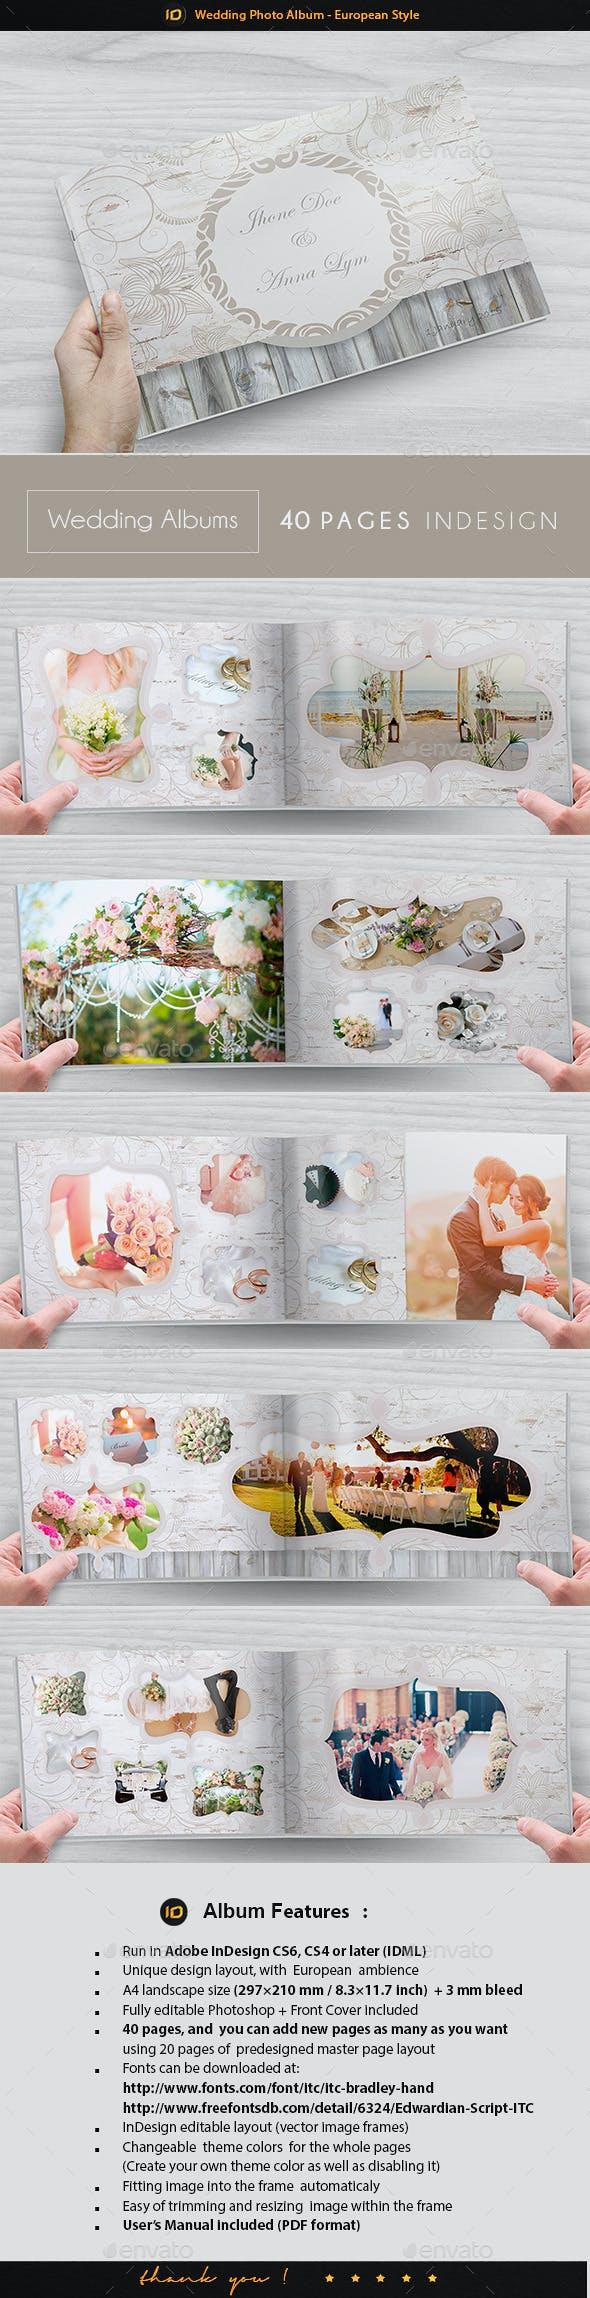 Wedding Photo Album Template - European Style